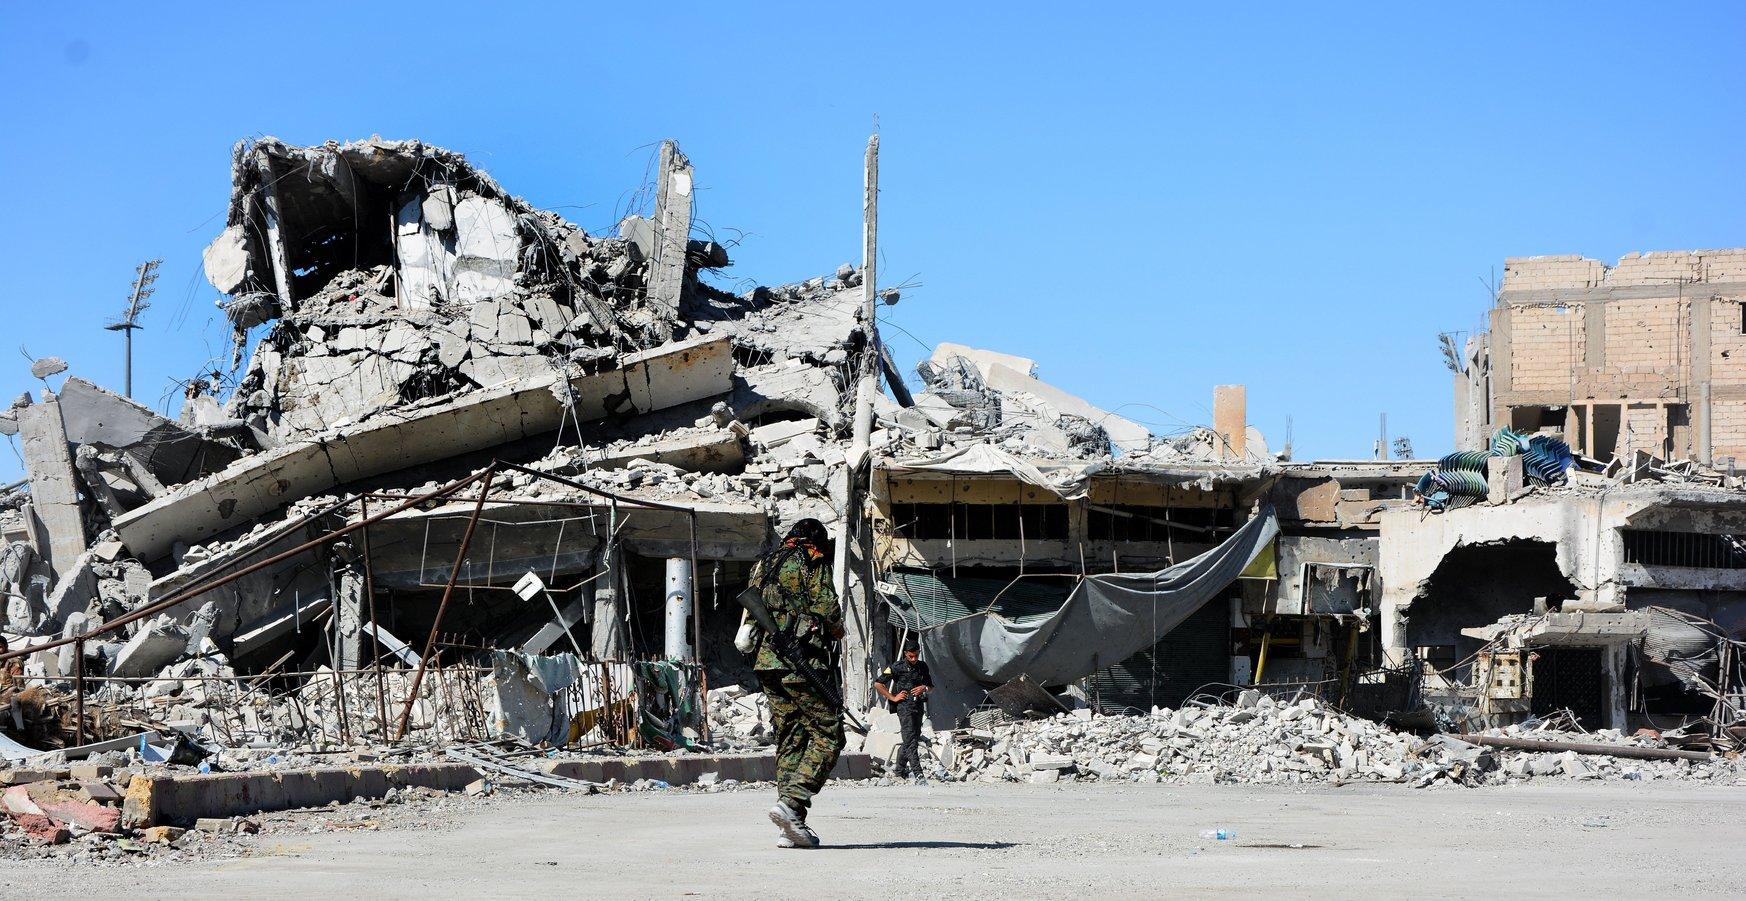 Rommá vált épületek a kelet-szíriai Rakkában 2017. október 18-án. Előző nap az Egyesült Államok vezette szövetségesek által támogatott arab-kurd Szíriai Demokratikus Erők (SDF) fegyveresei visszafoglalták a várost az Iszlám Állam dzsihadista szervezettől. Az SDF június 6-án indította meg a Rakka és környéke felszabadítását célzó ostromát, amelyben 3250 ember, köztük legalább 1130 civil vesztette életét. (MTI/EPA/Juszef Rabi Juszef)